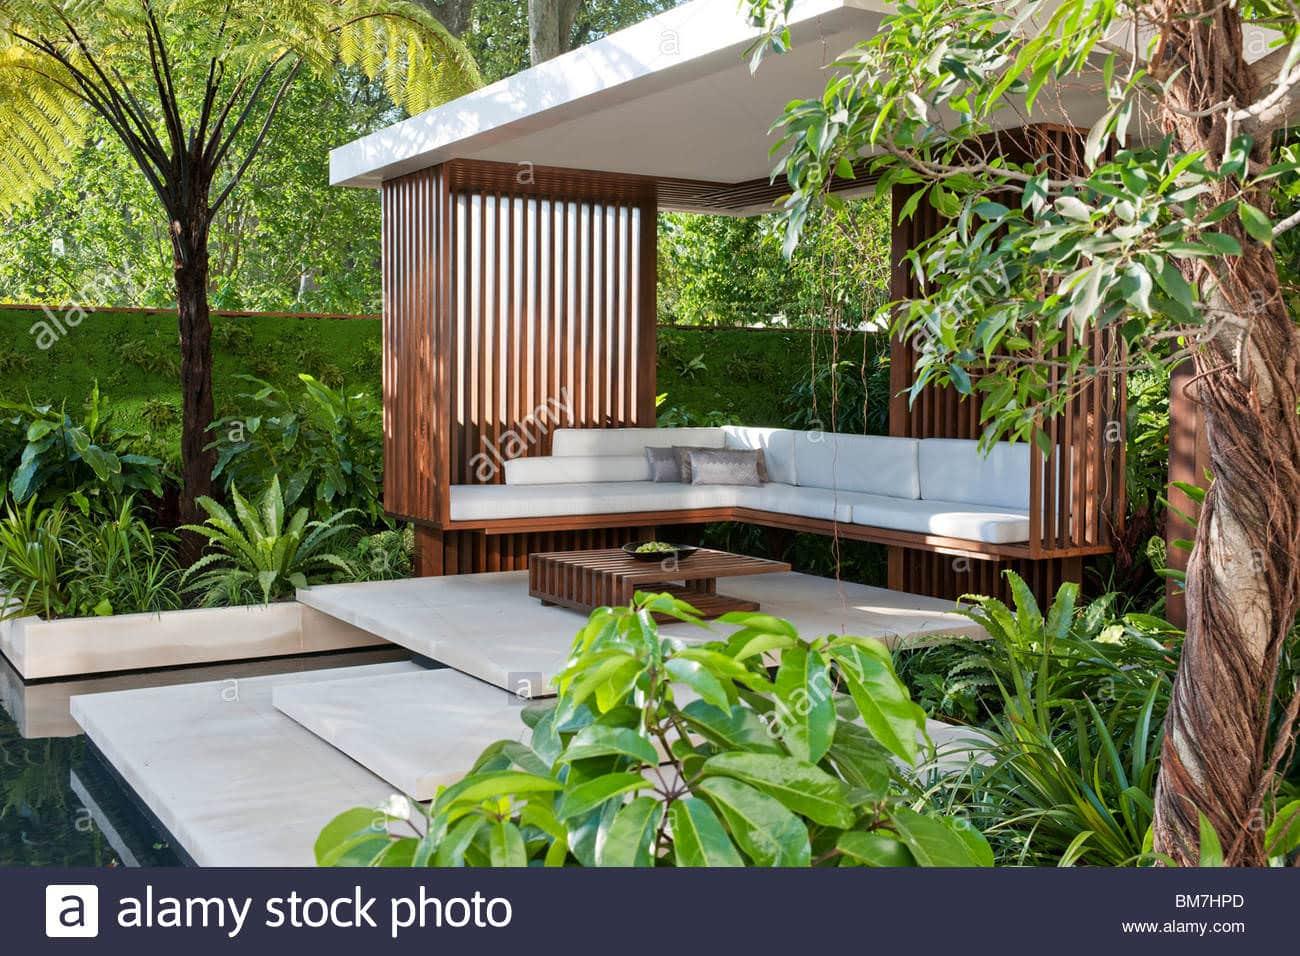 Industrial garden design ideas for Backyard design ideas malaysia